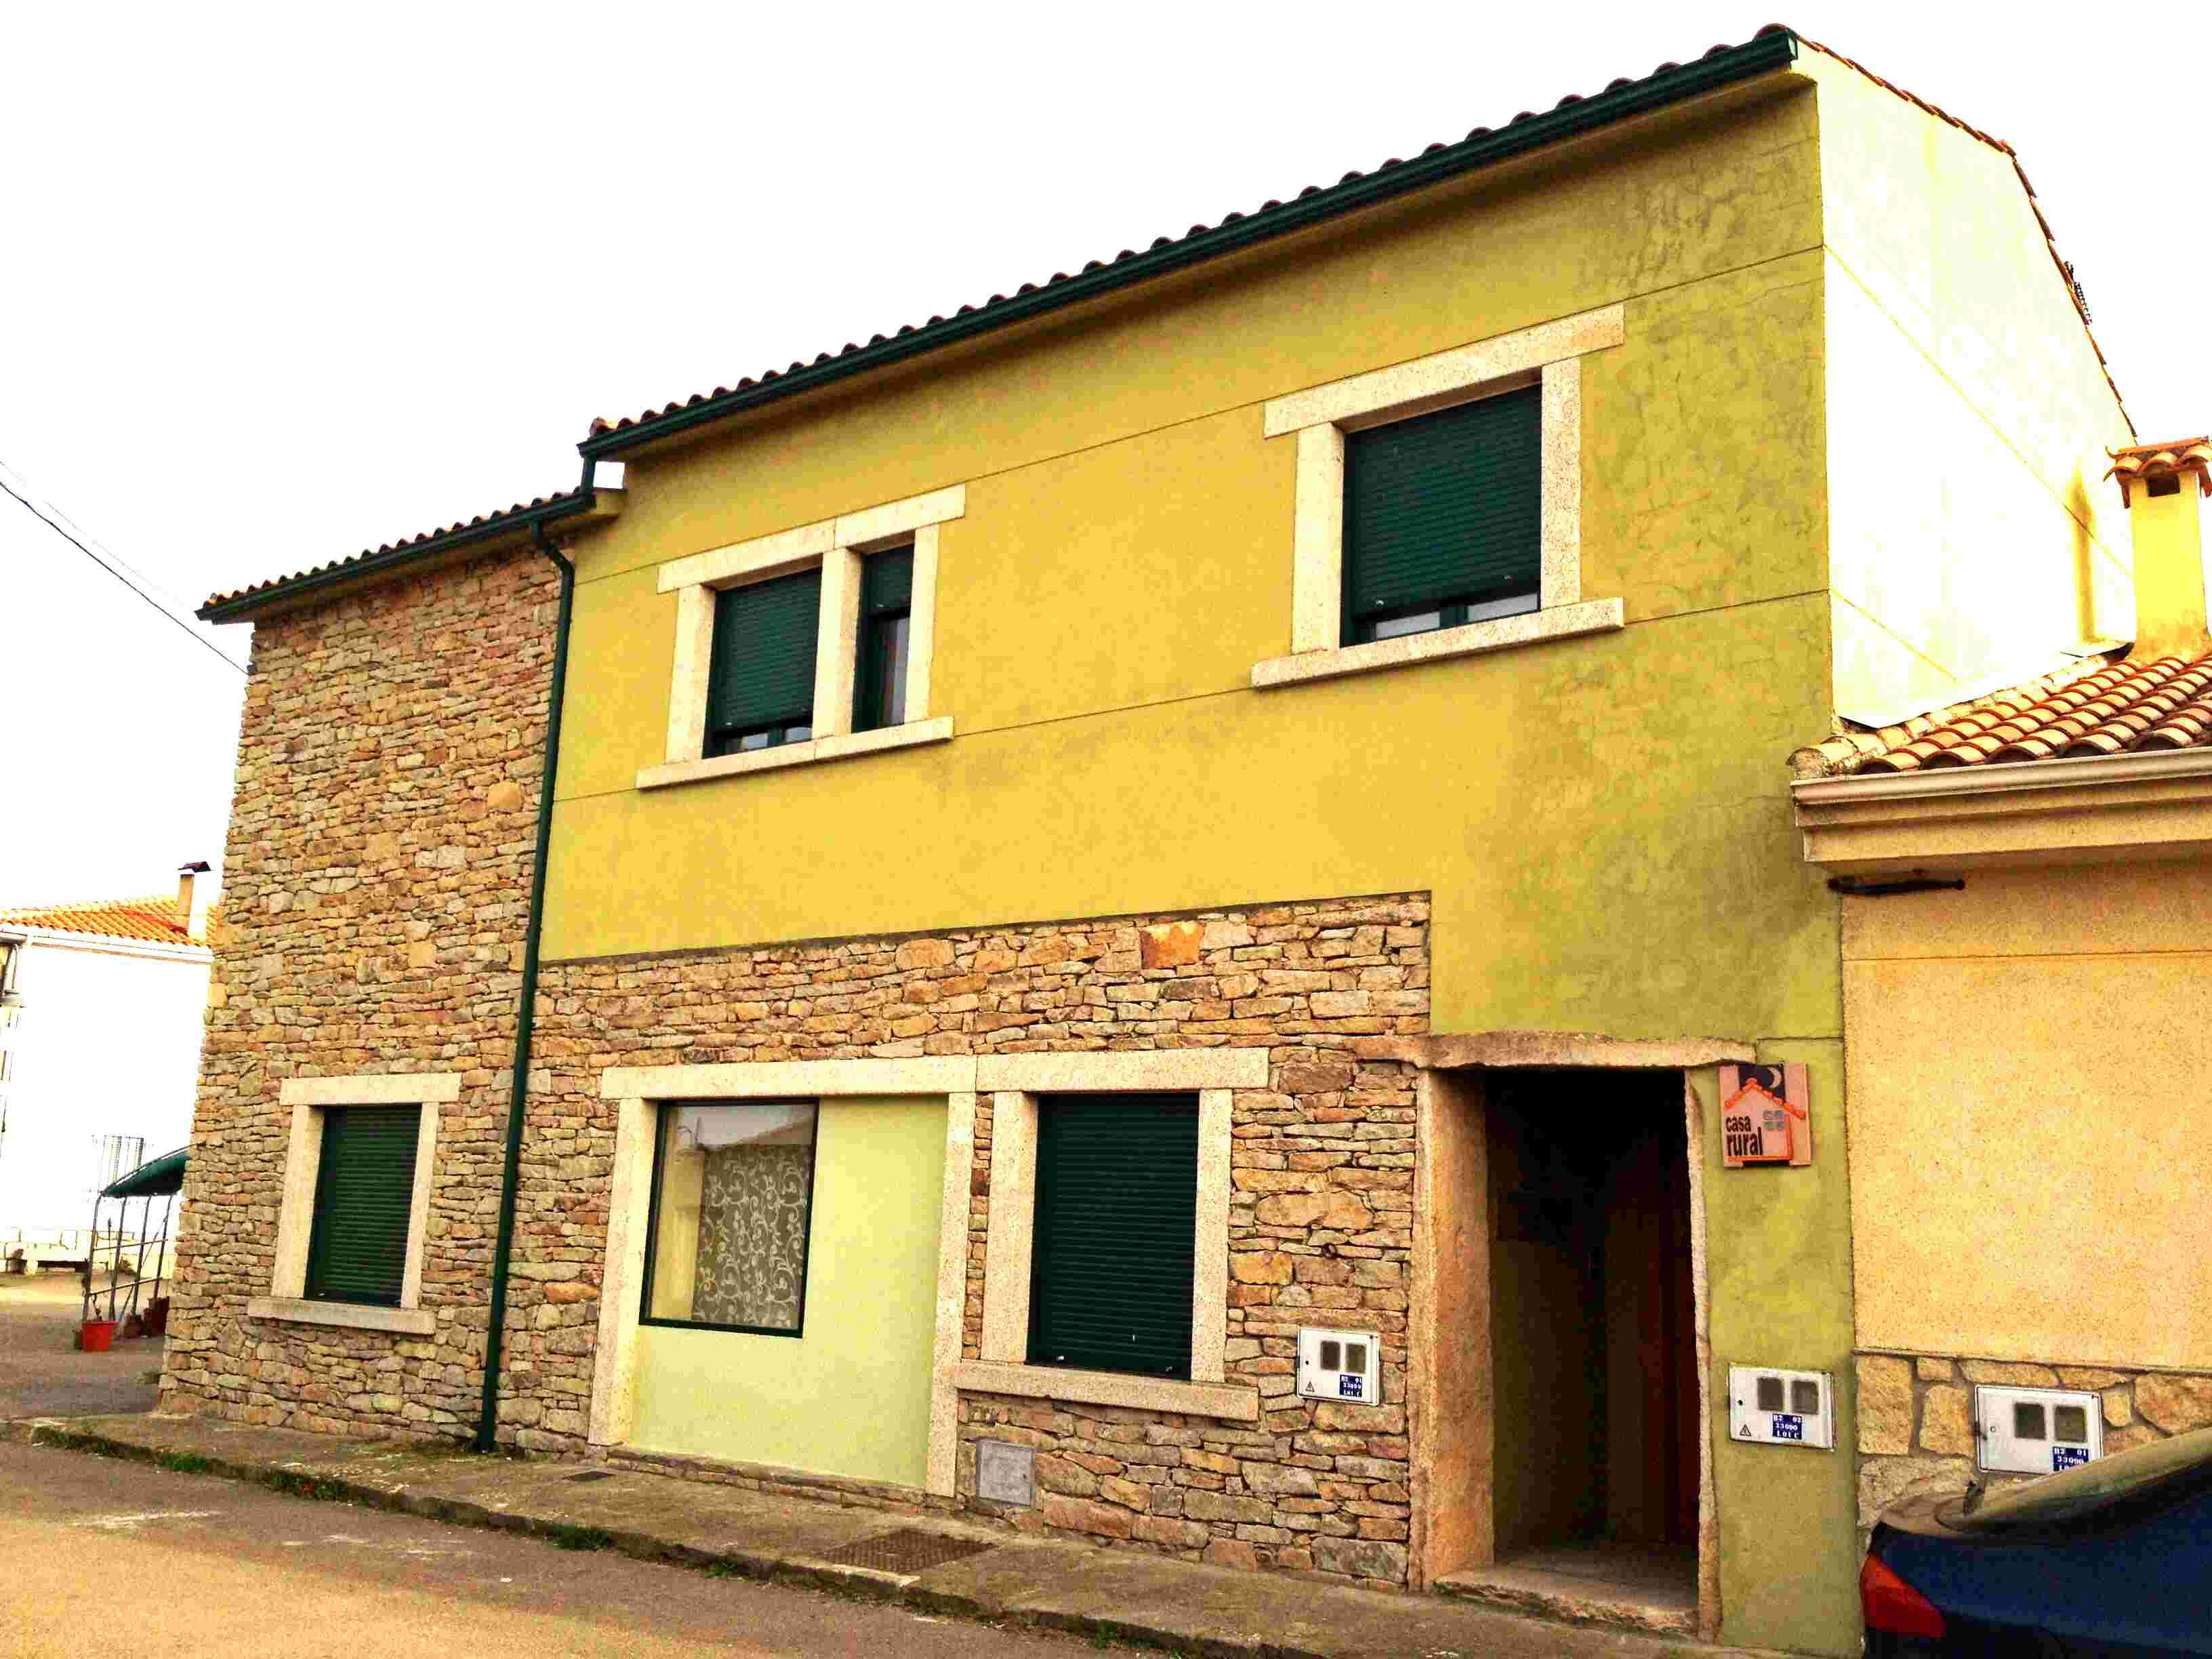 Casa zapatero casas rurales la fuente y zapatero for Zapatero exterior